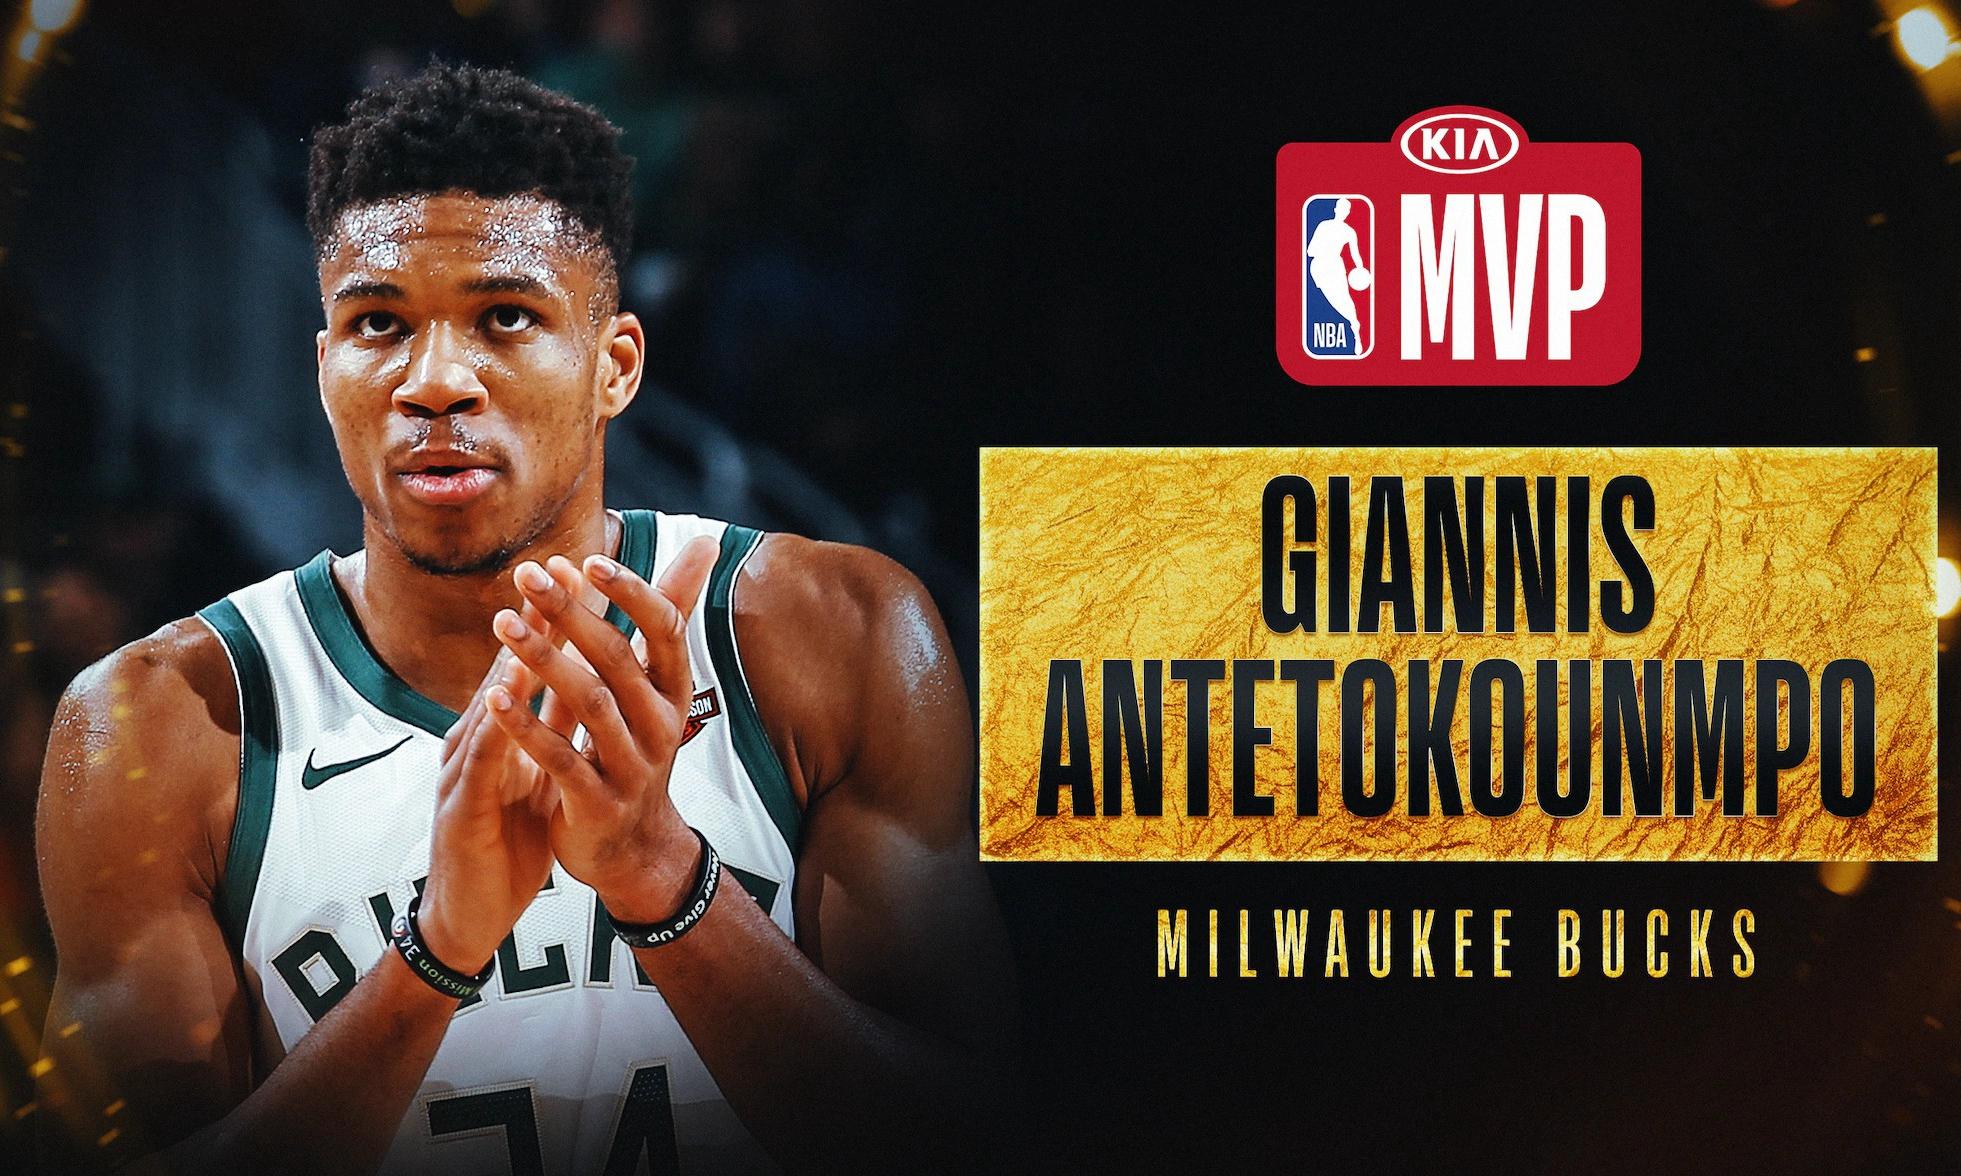 字母哥当选 NBA 2019-20 赛季常规赛 MVP